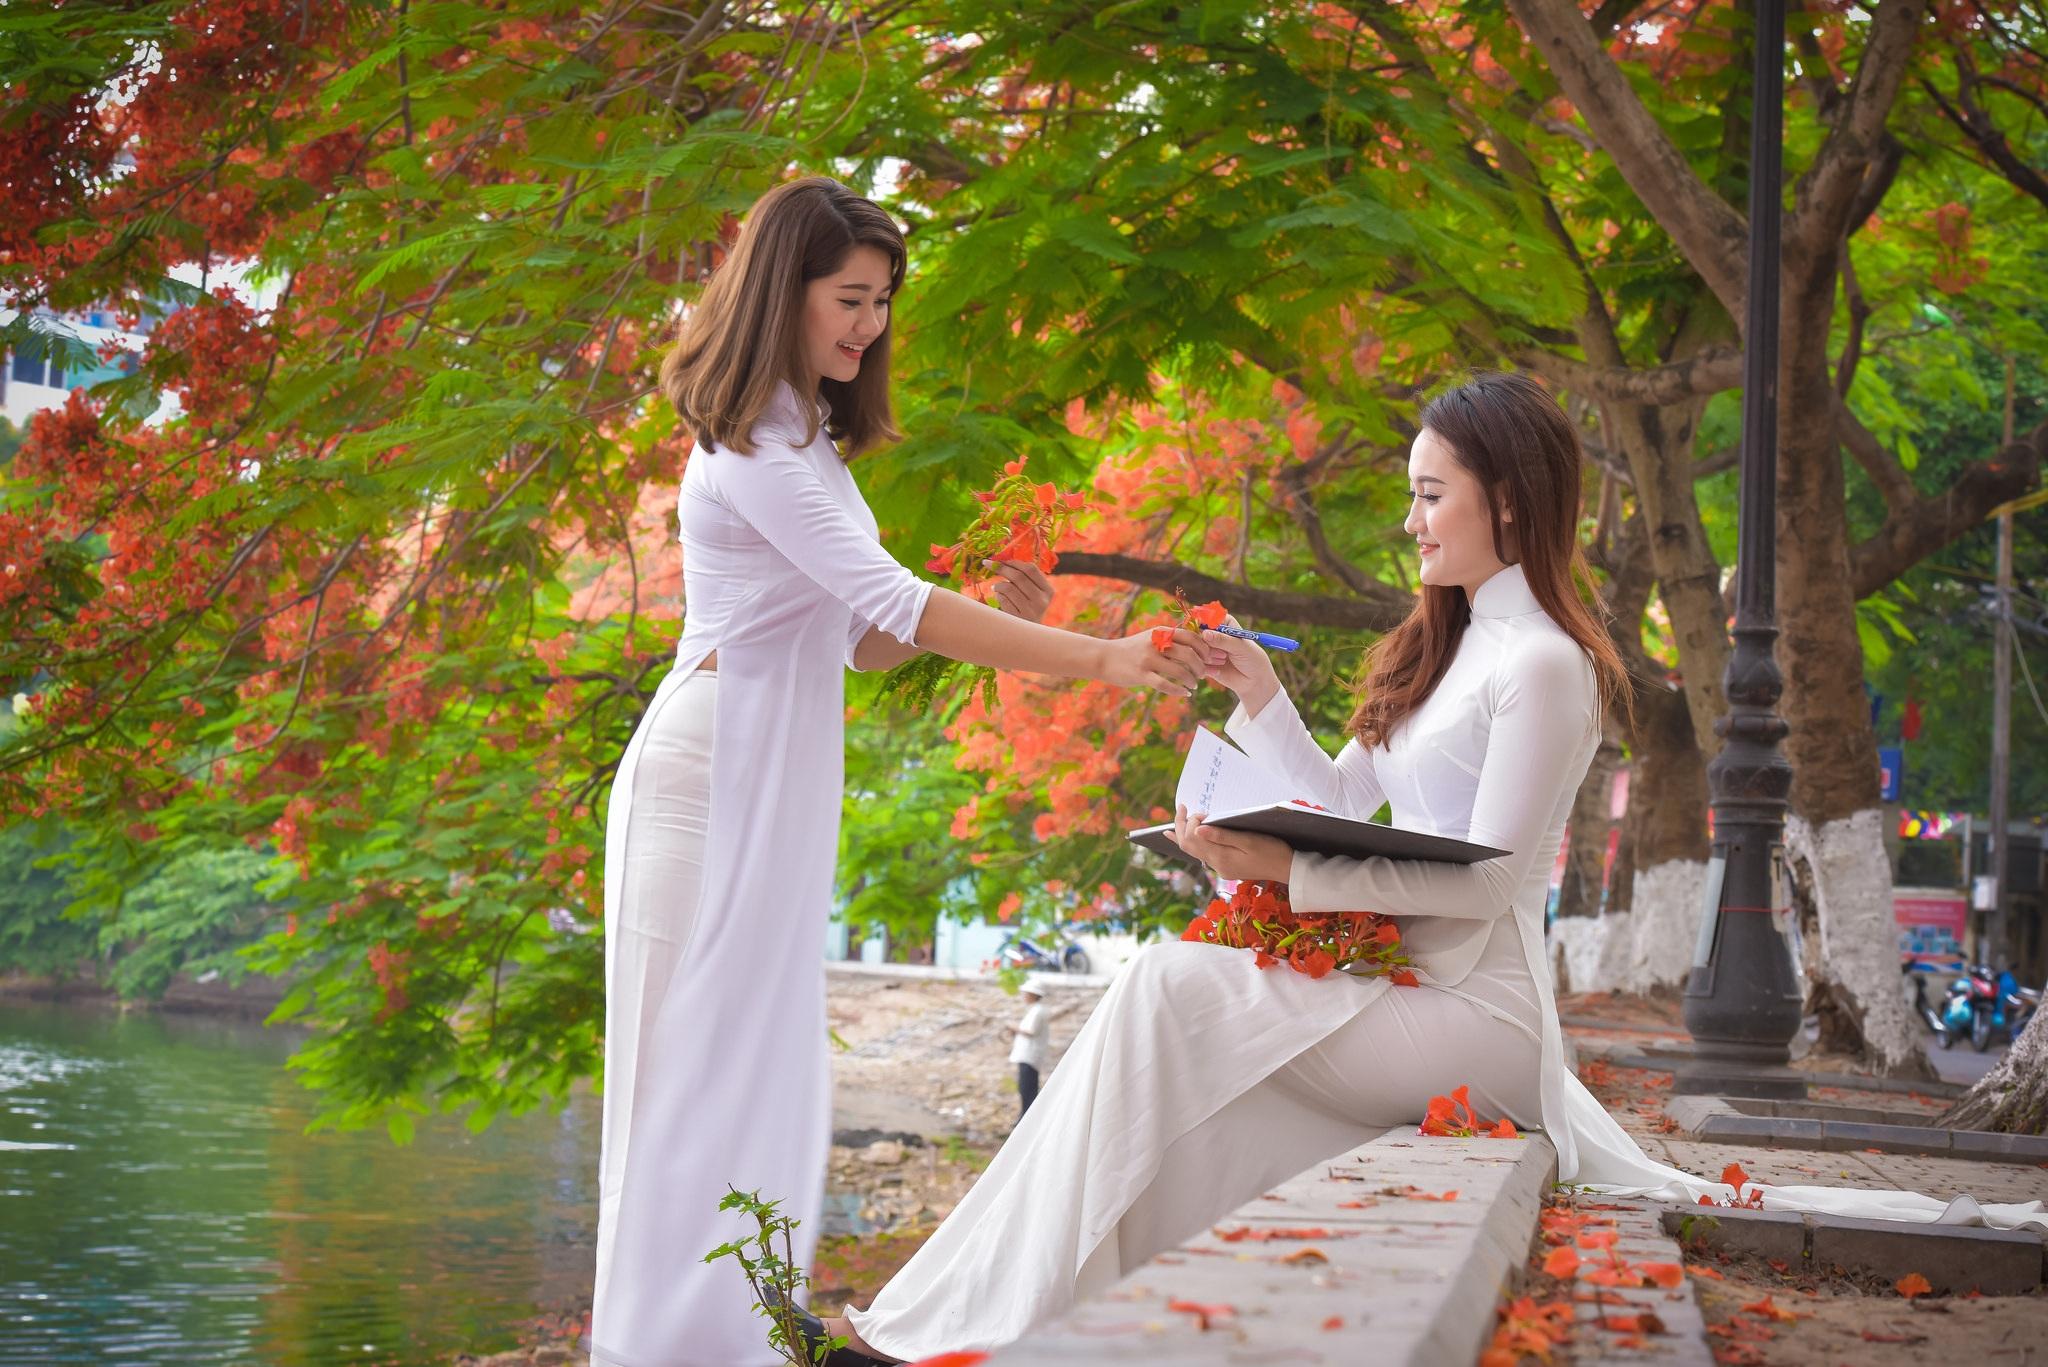 """Thiếu nữ Hà thành mơ màng bên hoa phượng """"rực cháy"""" - 4"""